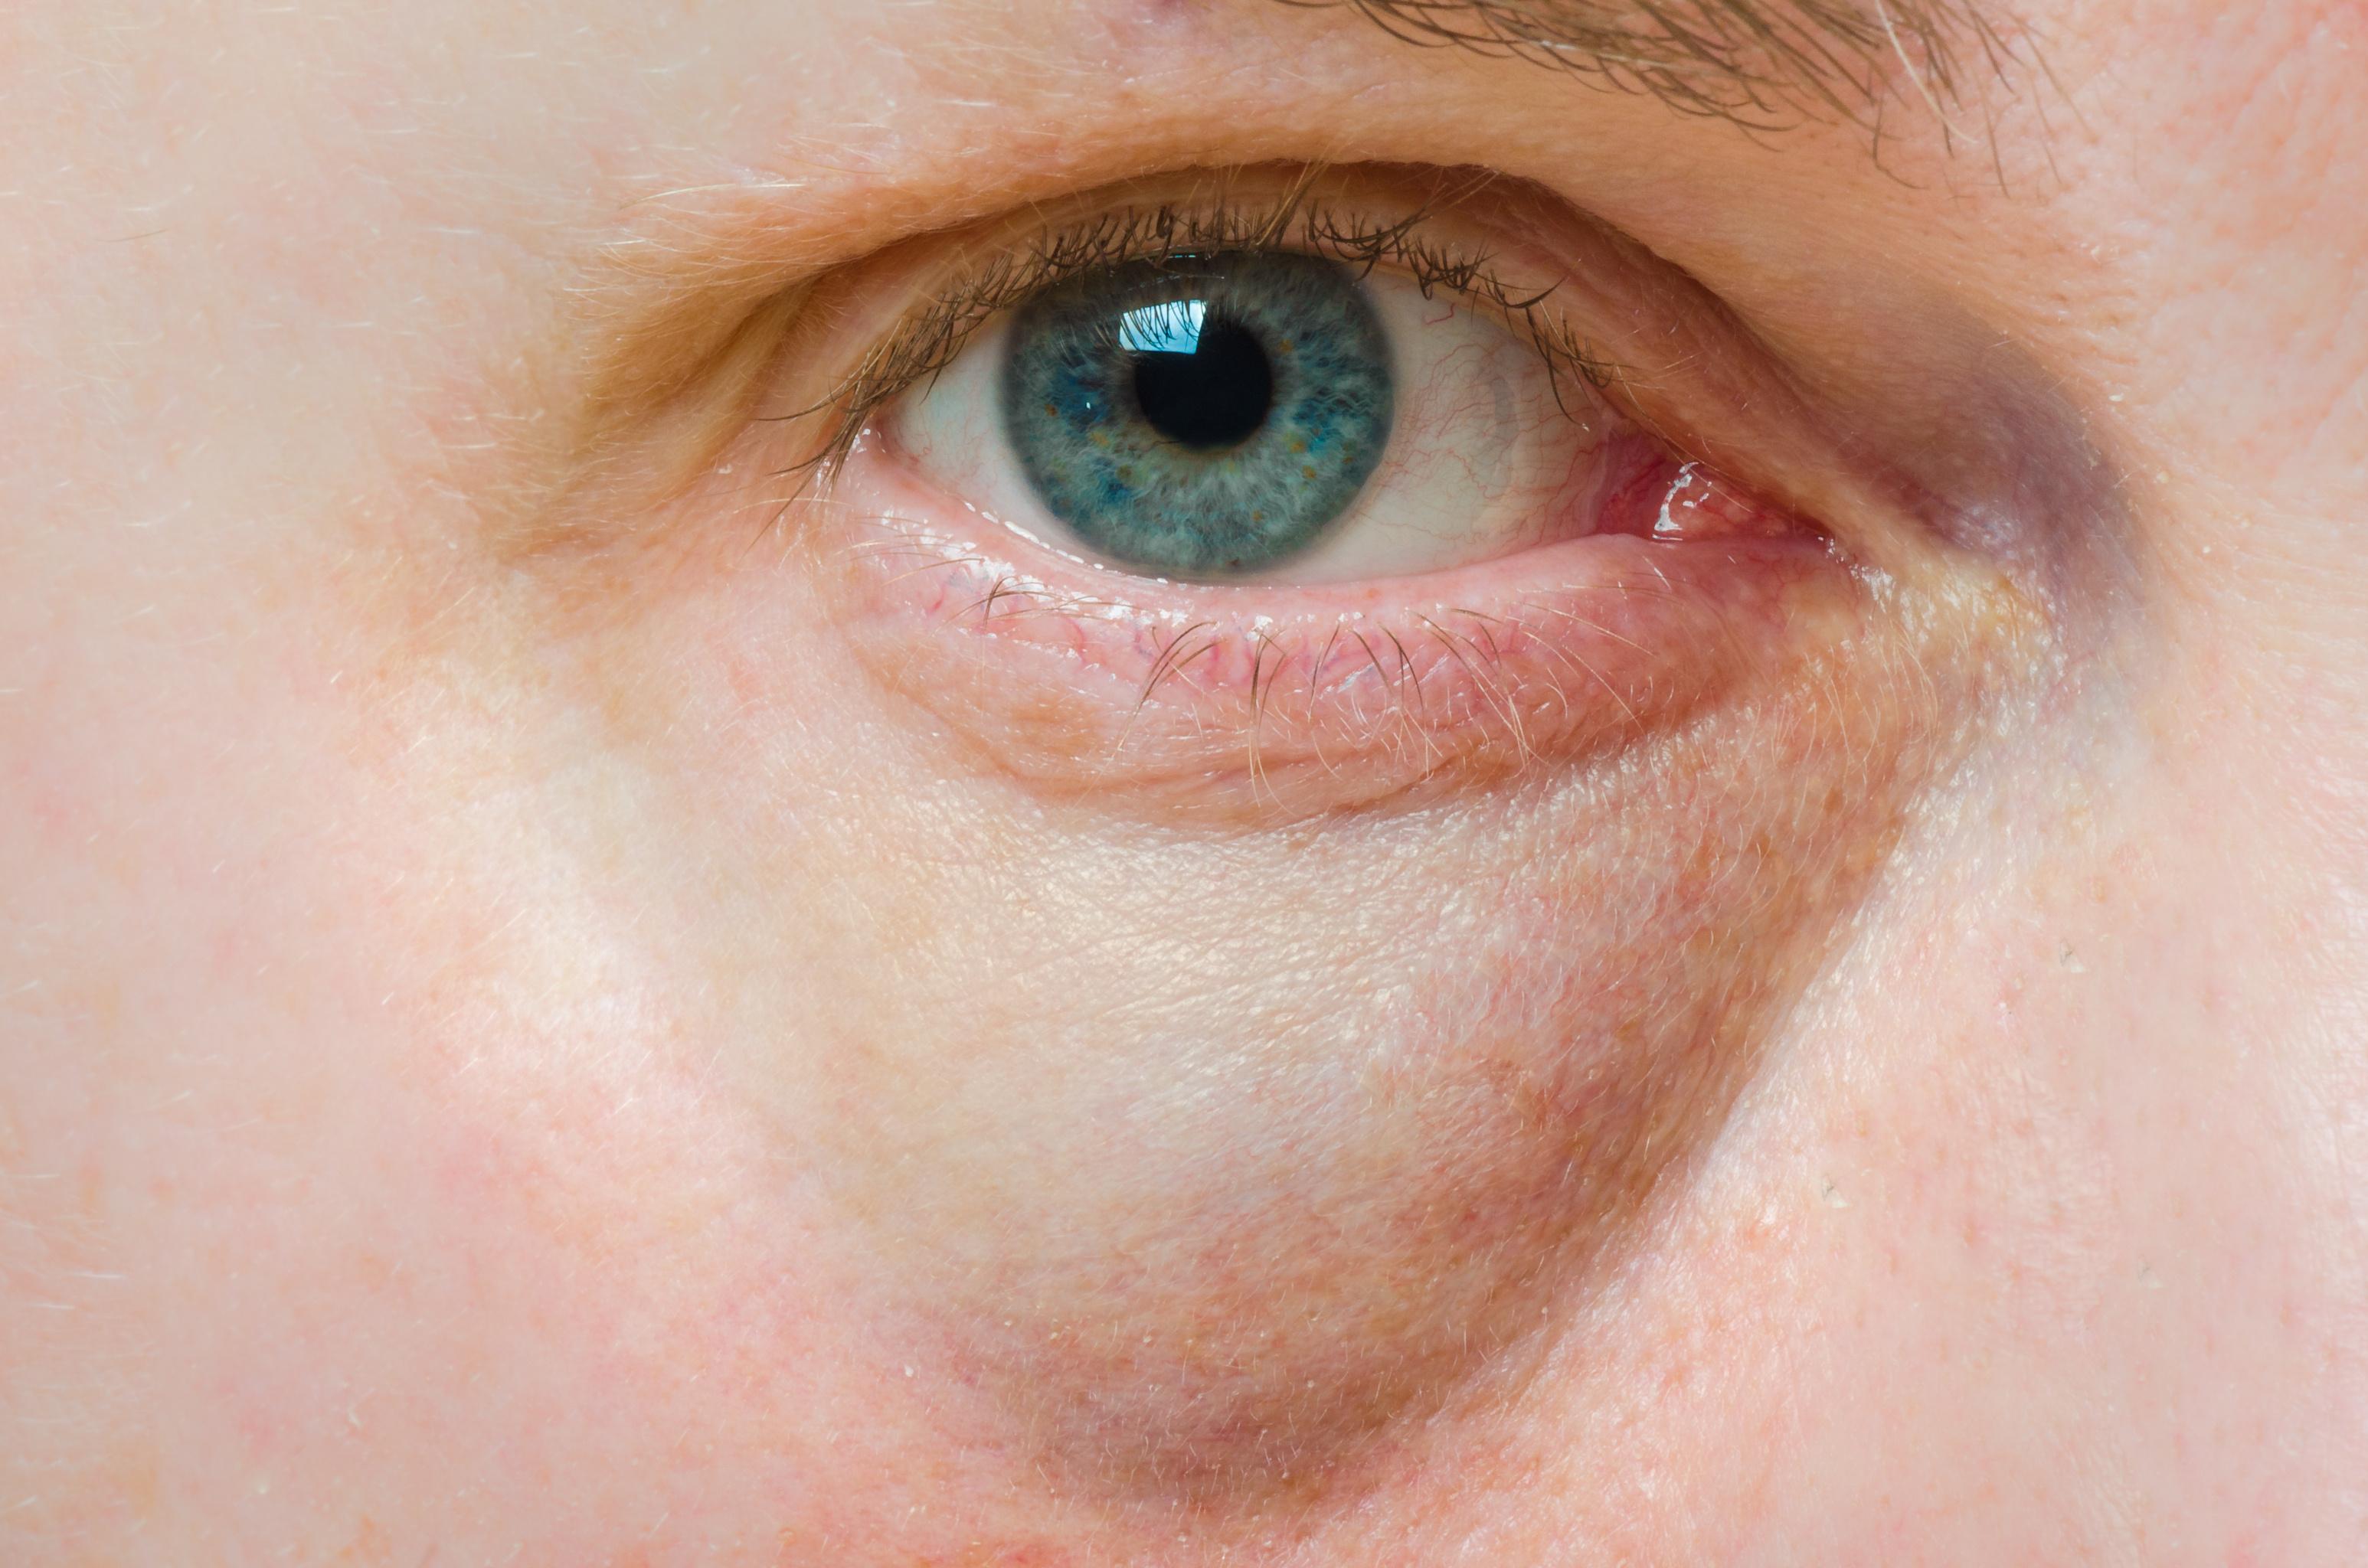 vörös folt a szem alatt, hogyan lehet gyorsan eltávolítani